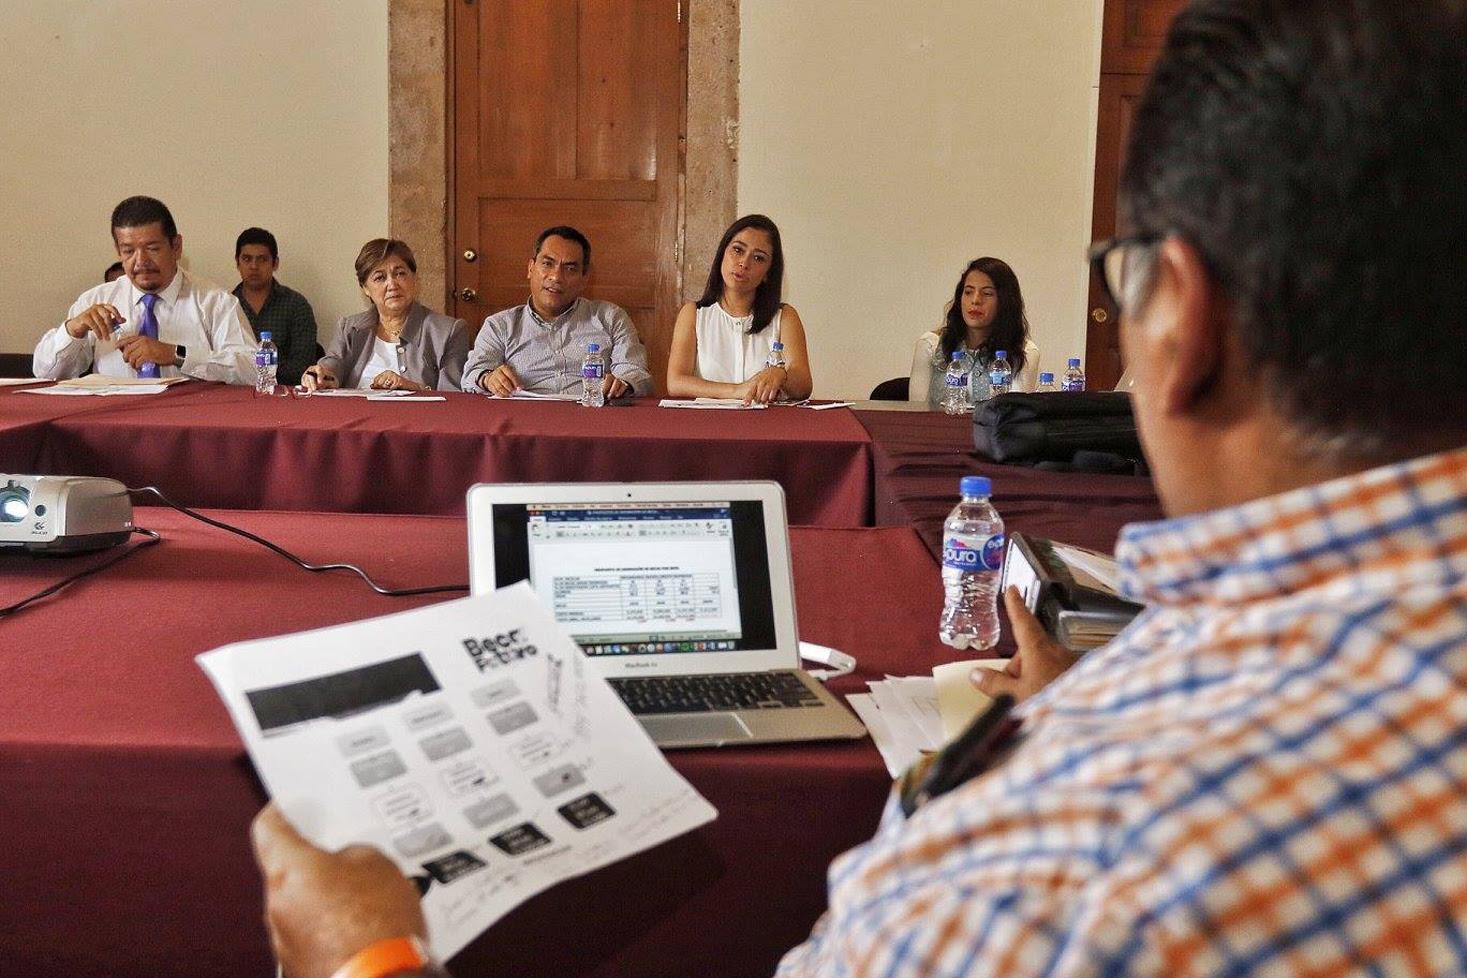 Los jóvenes que participaron en la convocatoria, pueden consultar desde este lunes los resultados en el portal www.becafuturo.mx para validar si es que cumplieron los requisitos para ser seleccionados